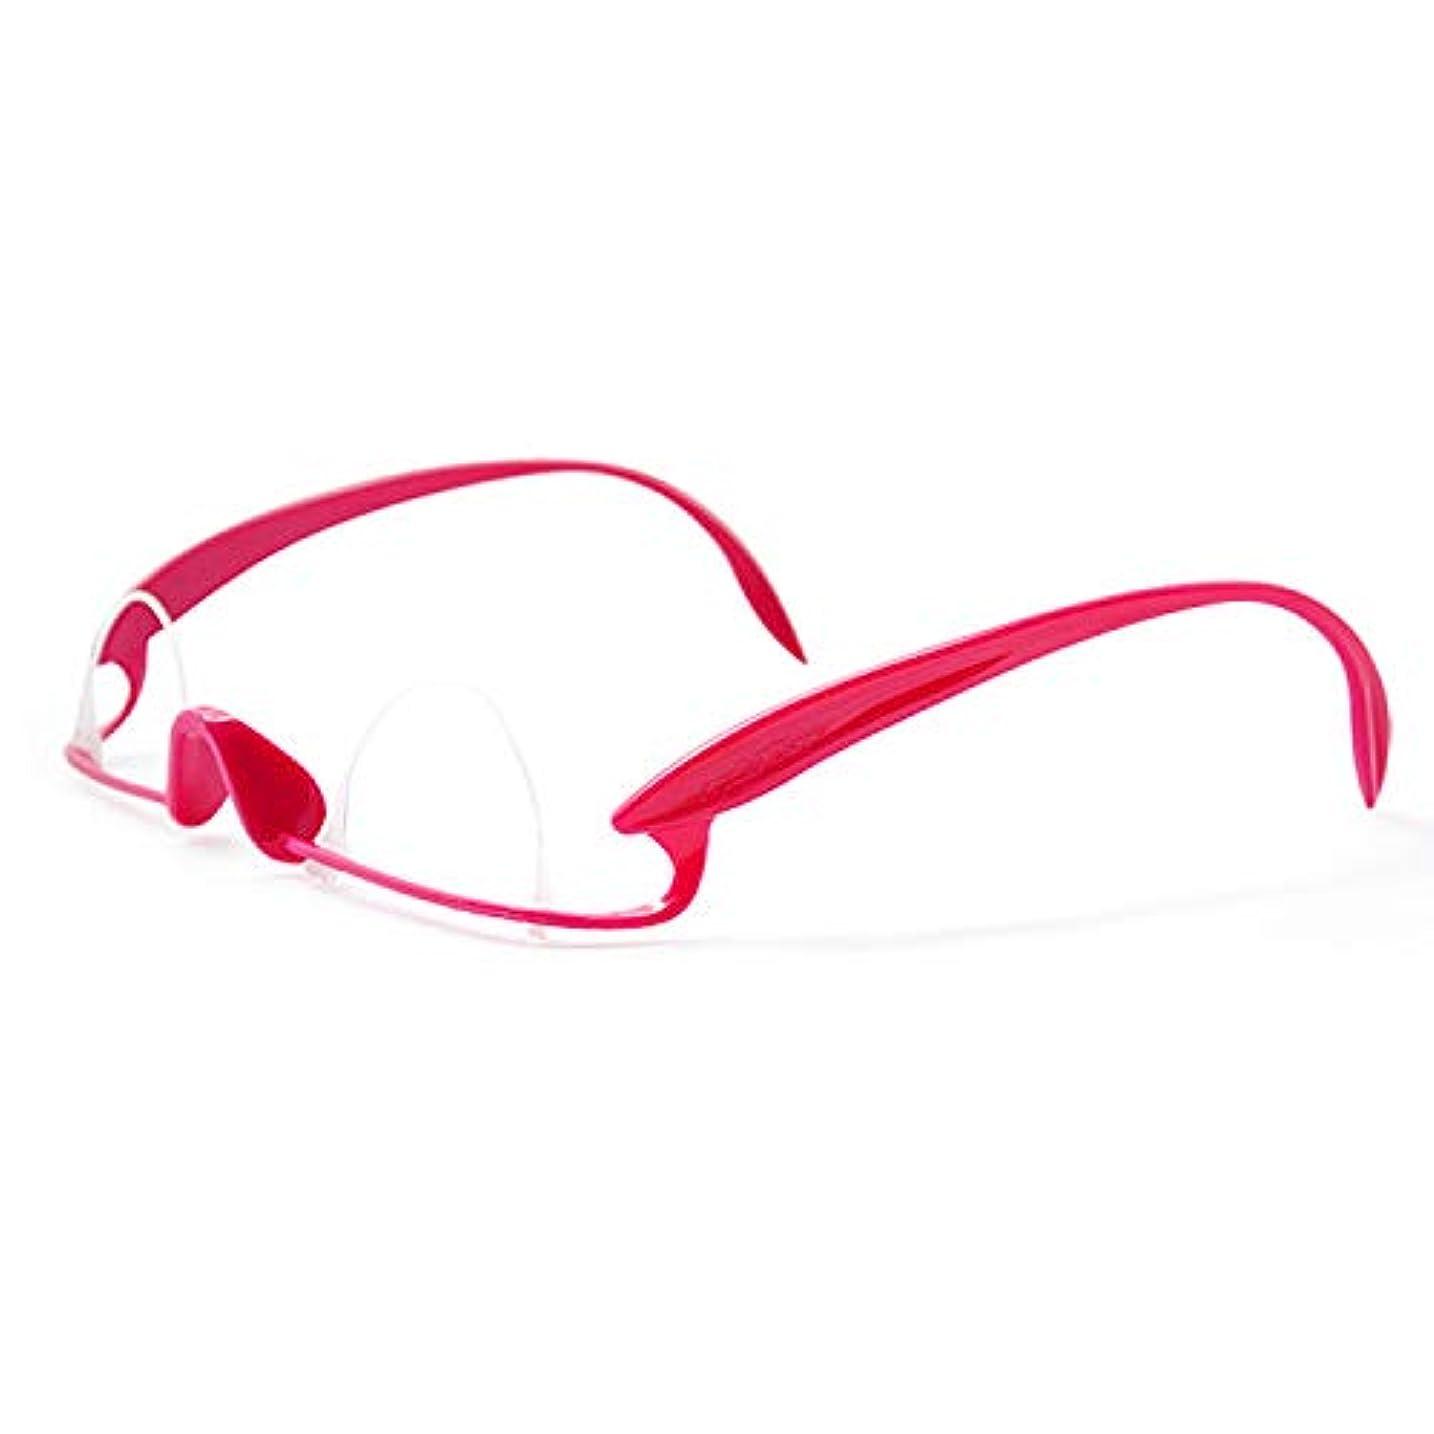 二重まぶた用メガネ 二重まぶた運動 二重まぶた形成 二重まぶた運動器 メガネトレーナー